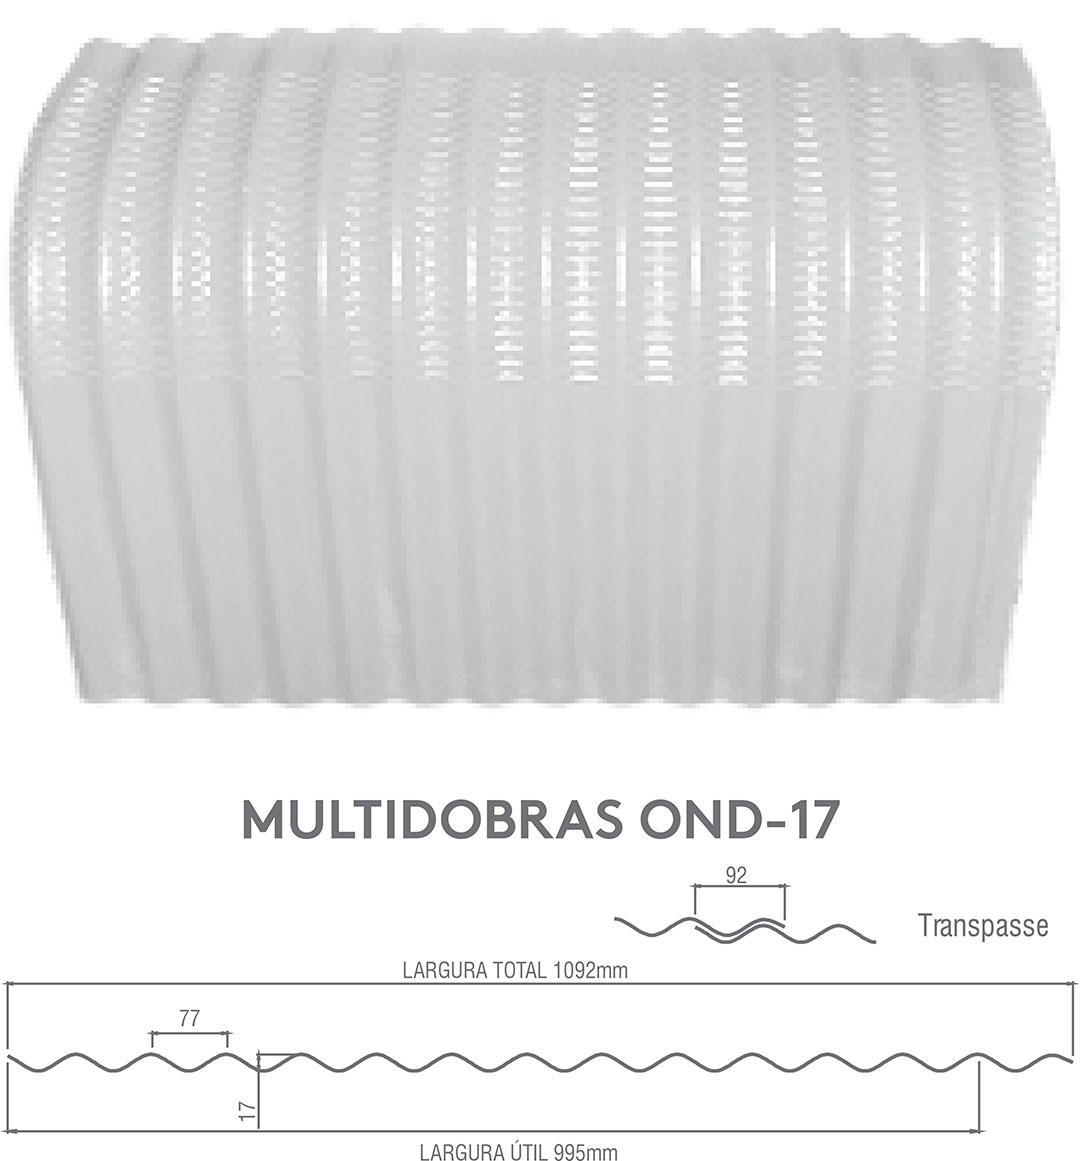 multidobras-ond-17-mobile.jpg